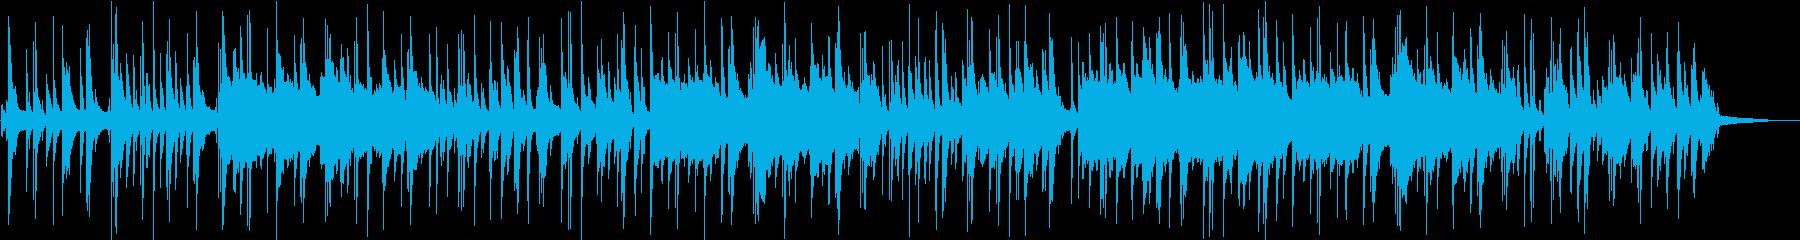 ピアノとサックスな静かなバラードの再生済みの波形